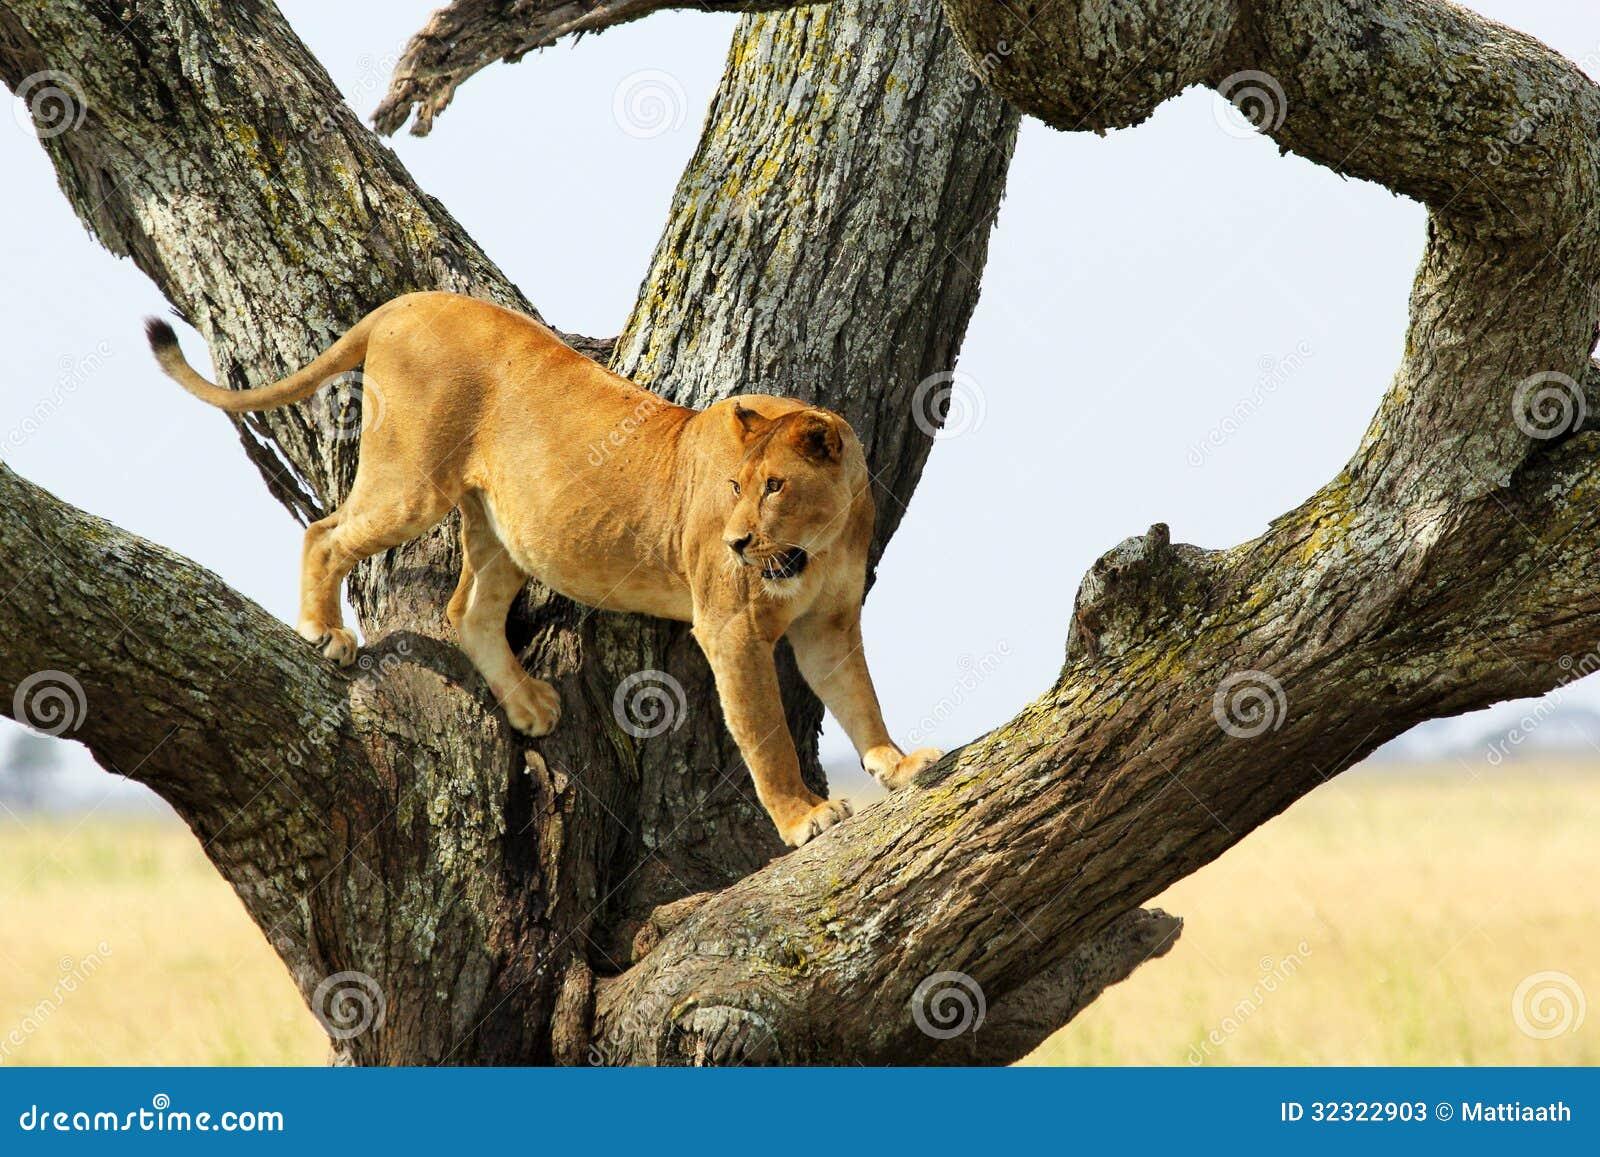 Животное ленивец описание повадки как выглядит где